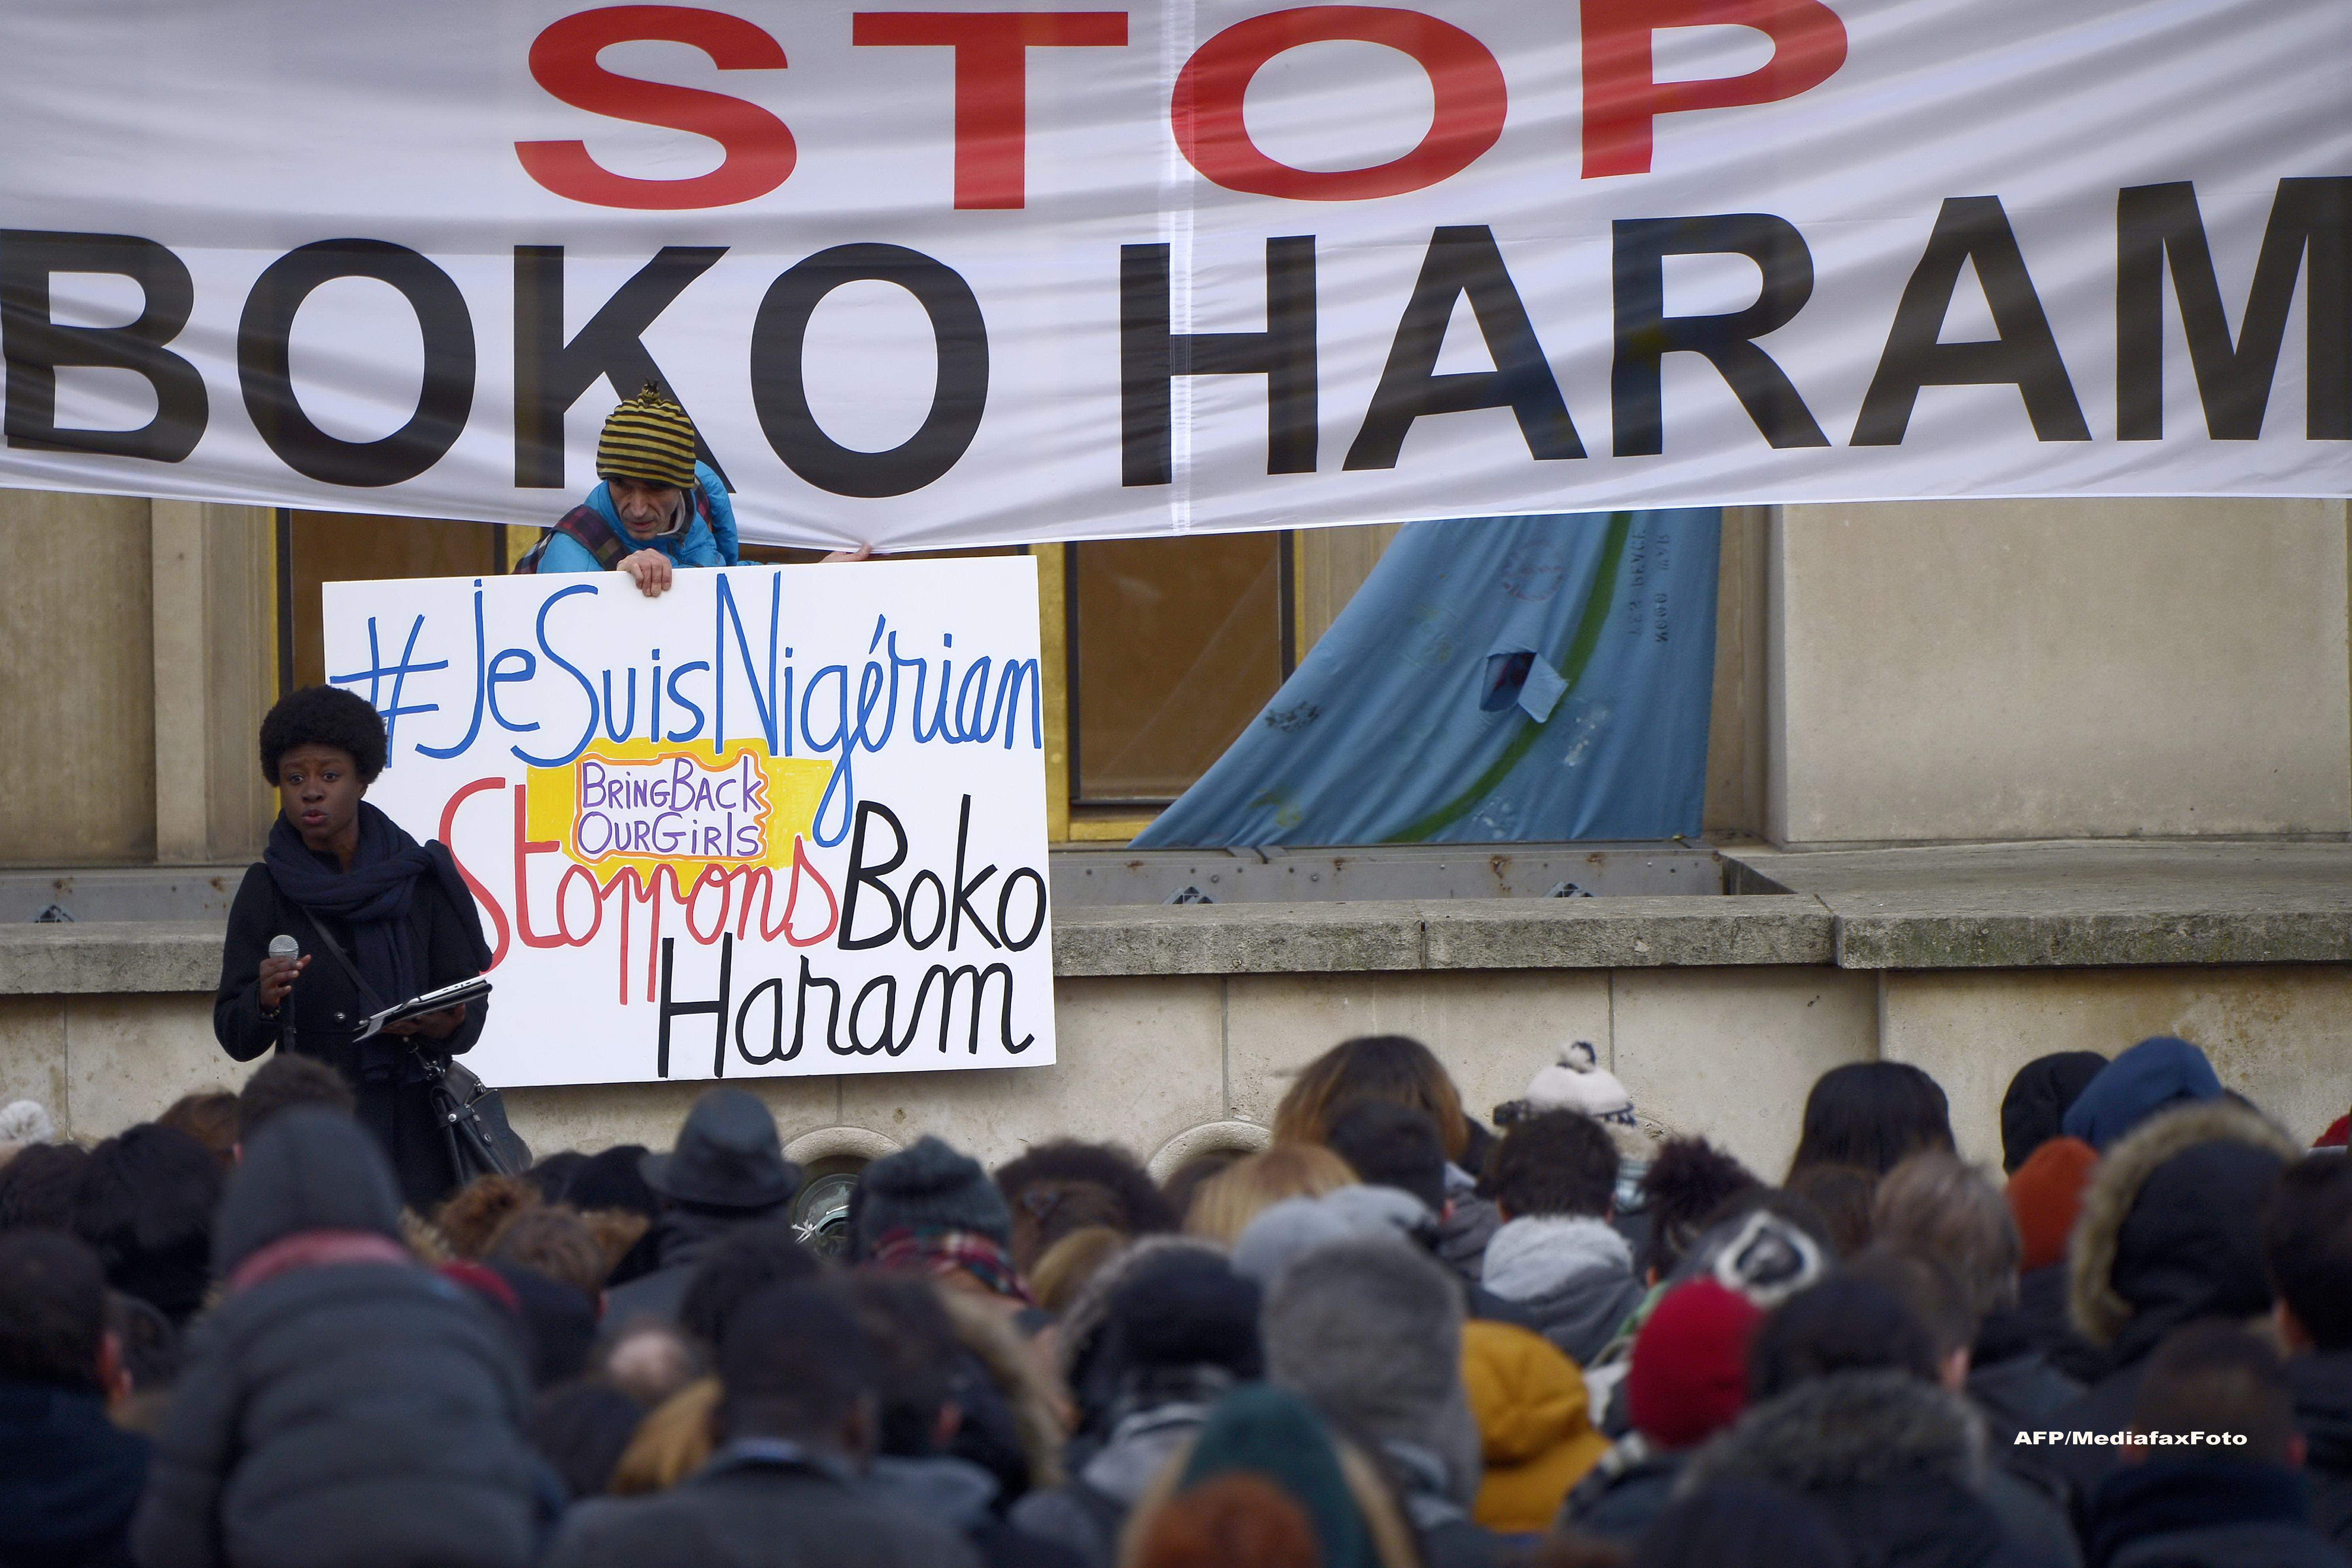 In Africa, teroarea se numeste Boko Haram. Gruparea a rapit cel putin 2.000 de femei si fete de la inceputul lui 2014